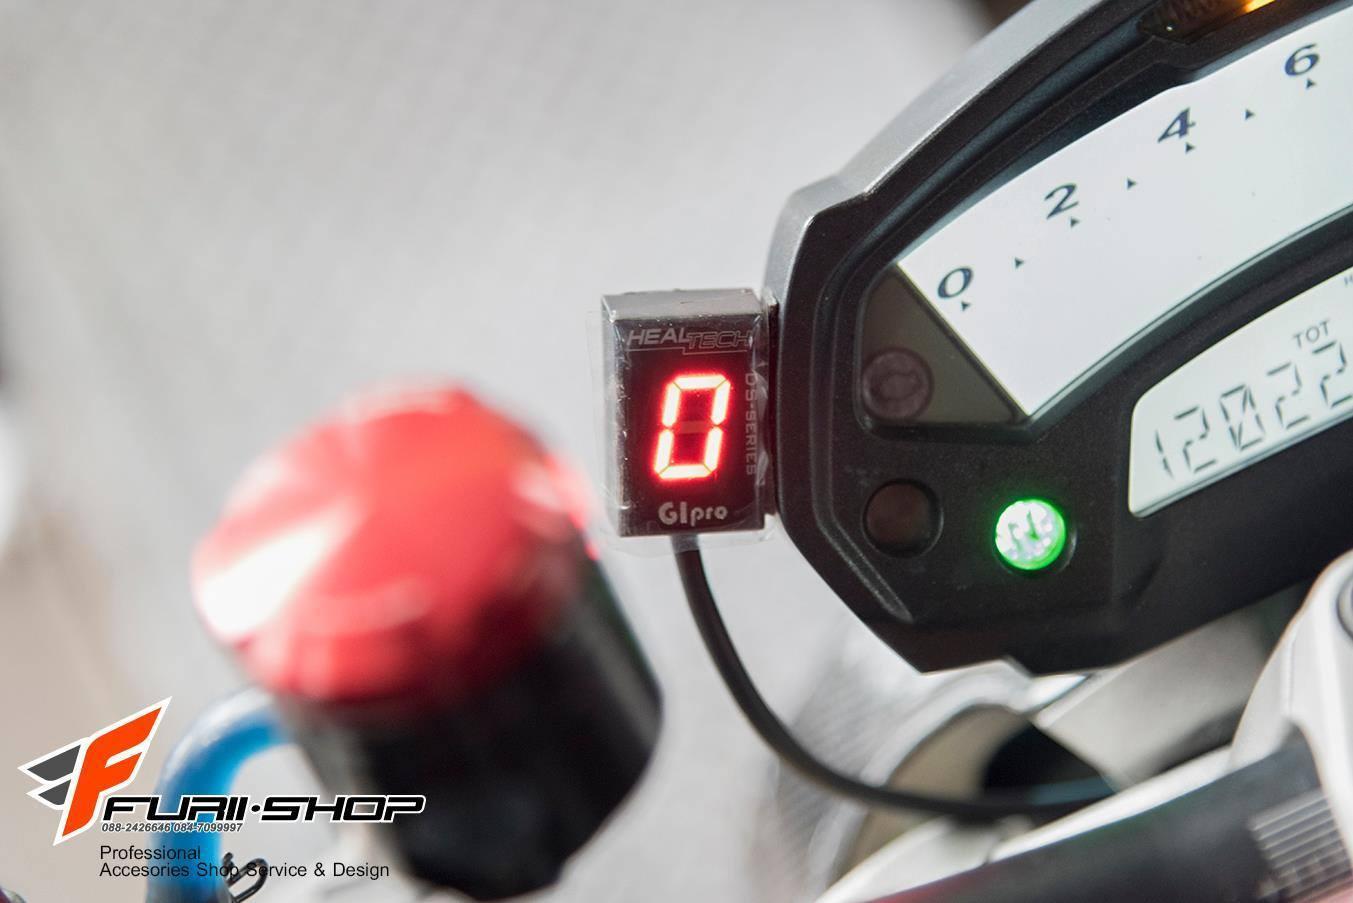 ไฟบอกเกียร์ Healtech สำหรับ Honda Kawasaki Ducati